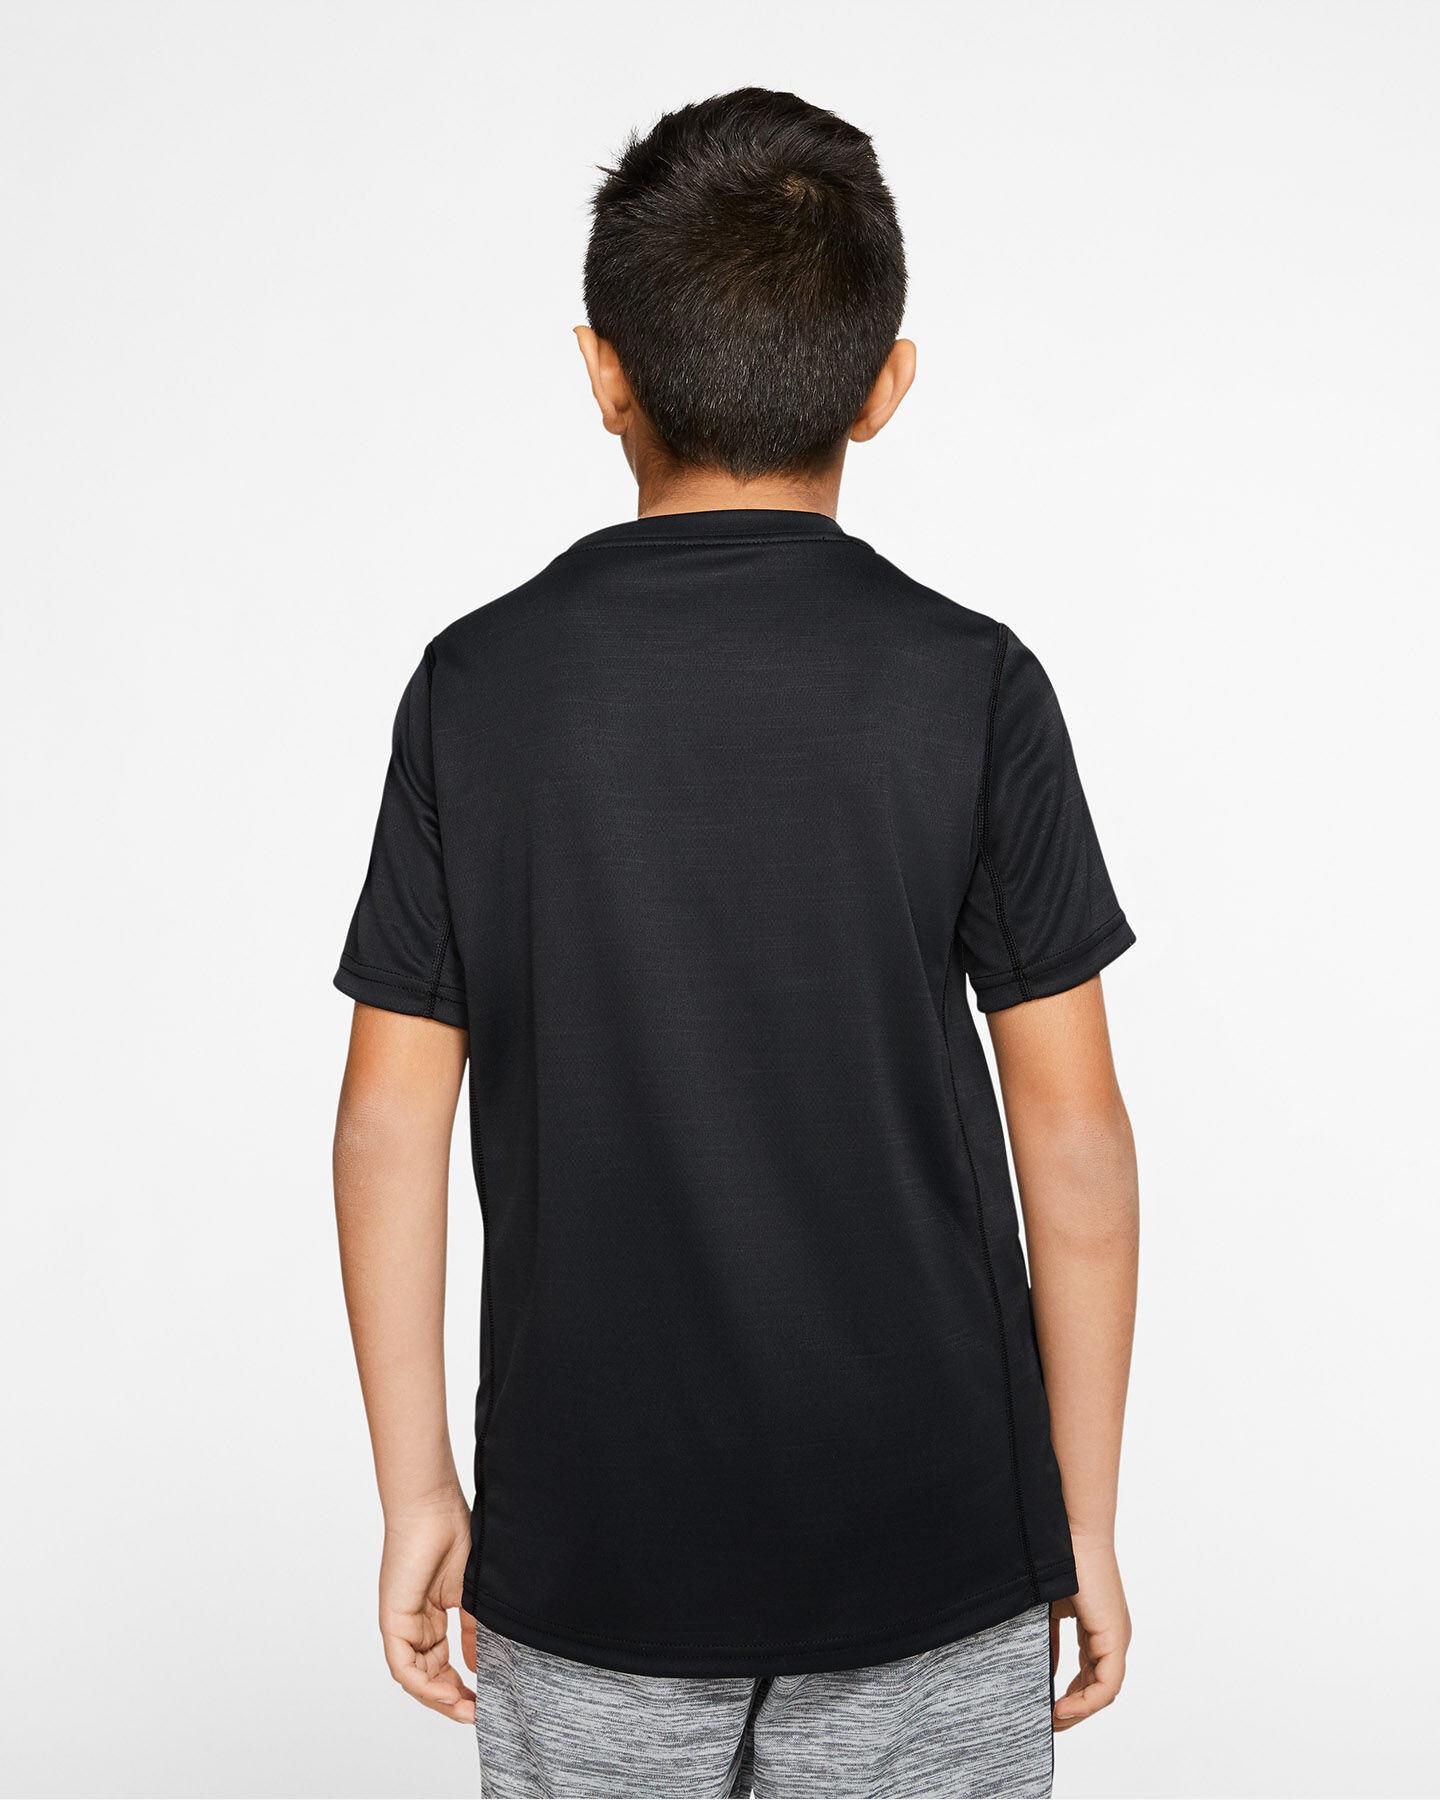 T-Shirt NIKE DRI-FIT SWOOSH JR S5164546 scatto 3